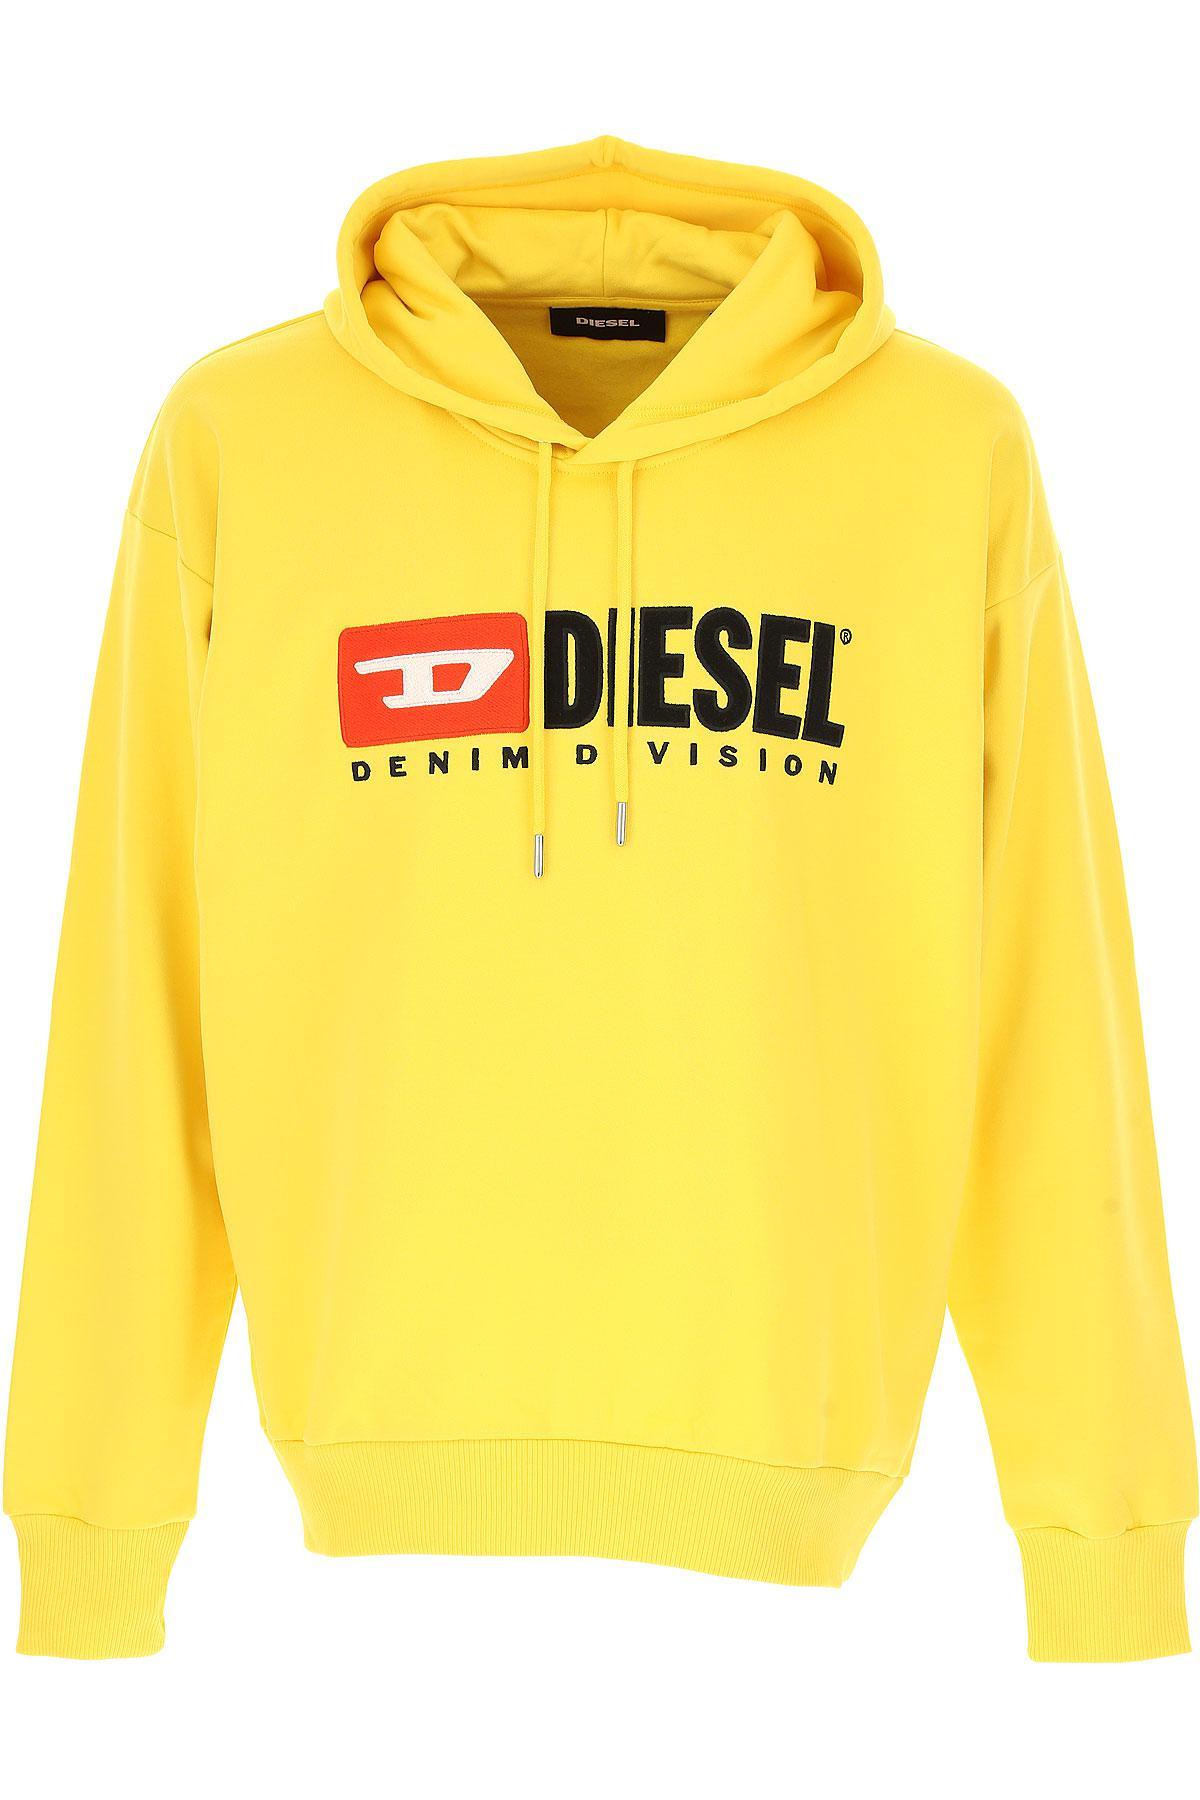 4db75bed1a9df2 Lyst - Sweat Homme Pas cher en Soldes DIESEL pour homme en coloris ...